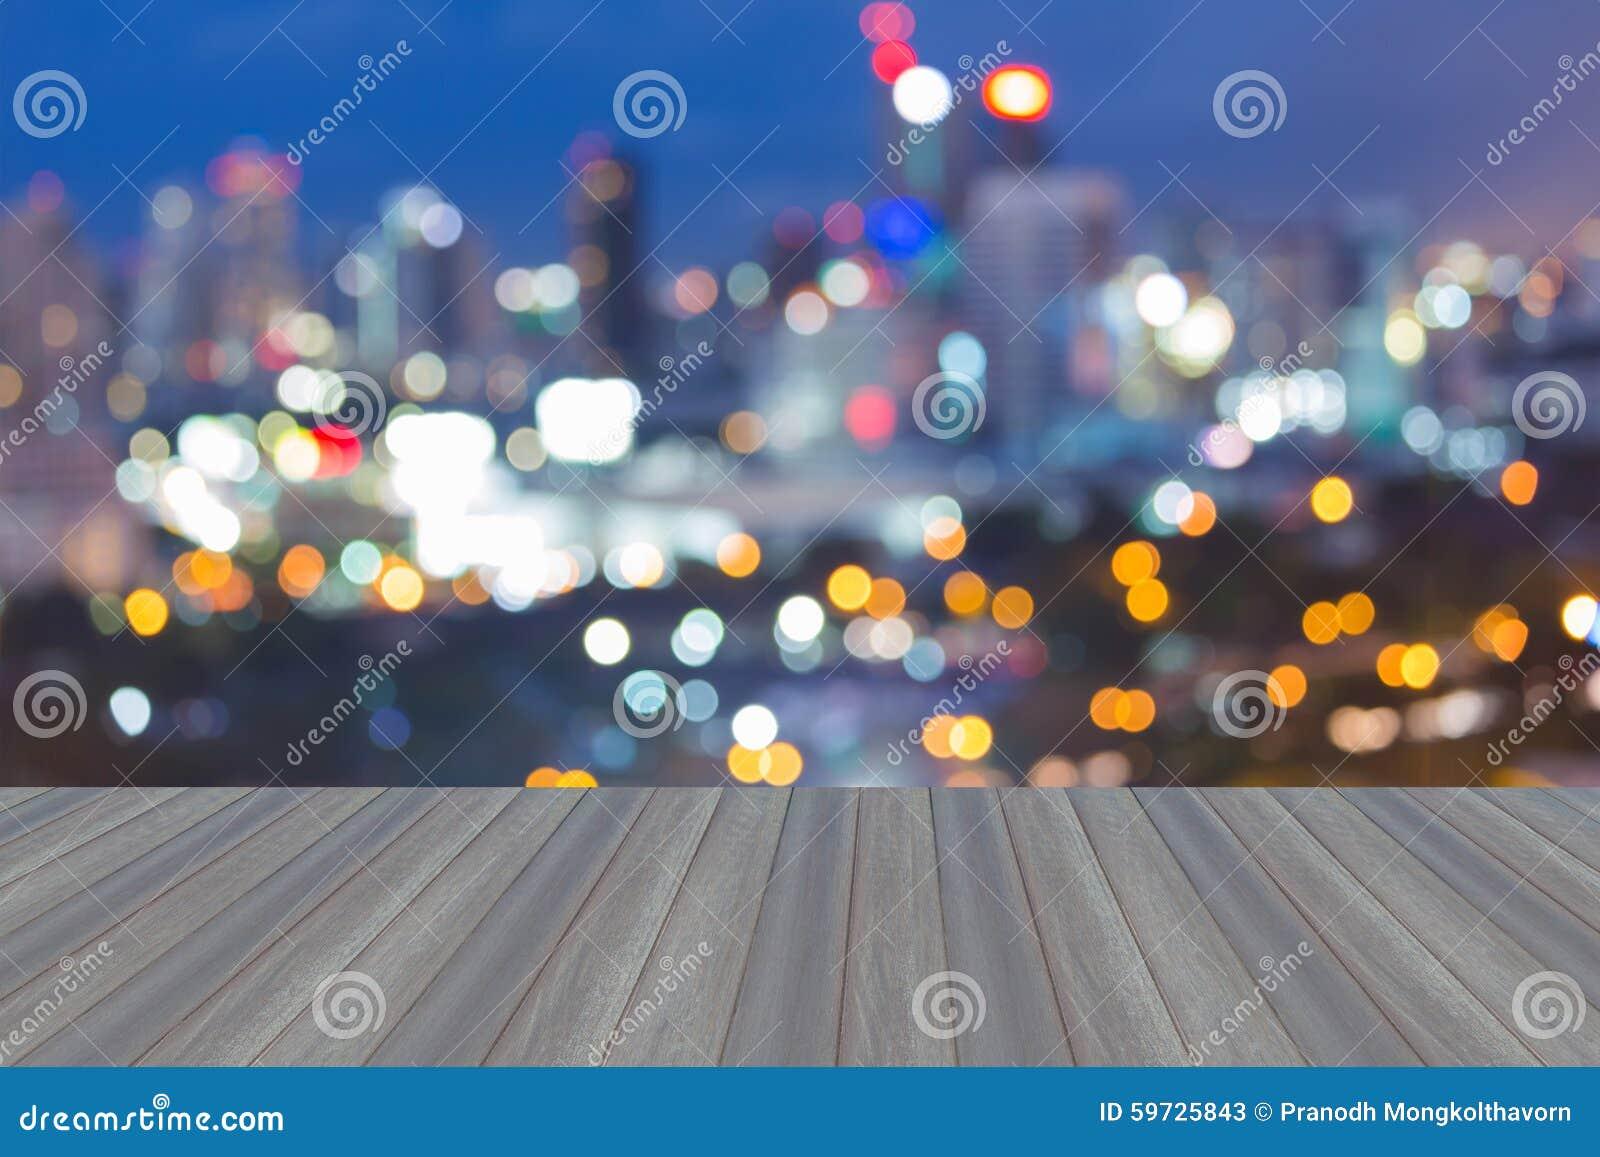 有摘要的木平台弄脏了bokeh城市光地平线,暮色backgroun